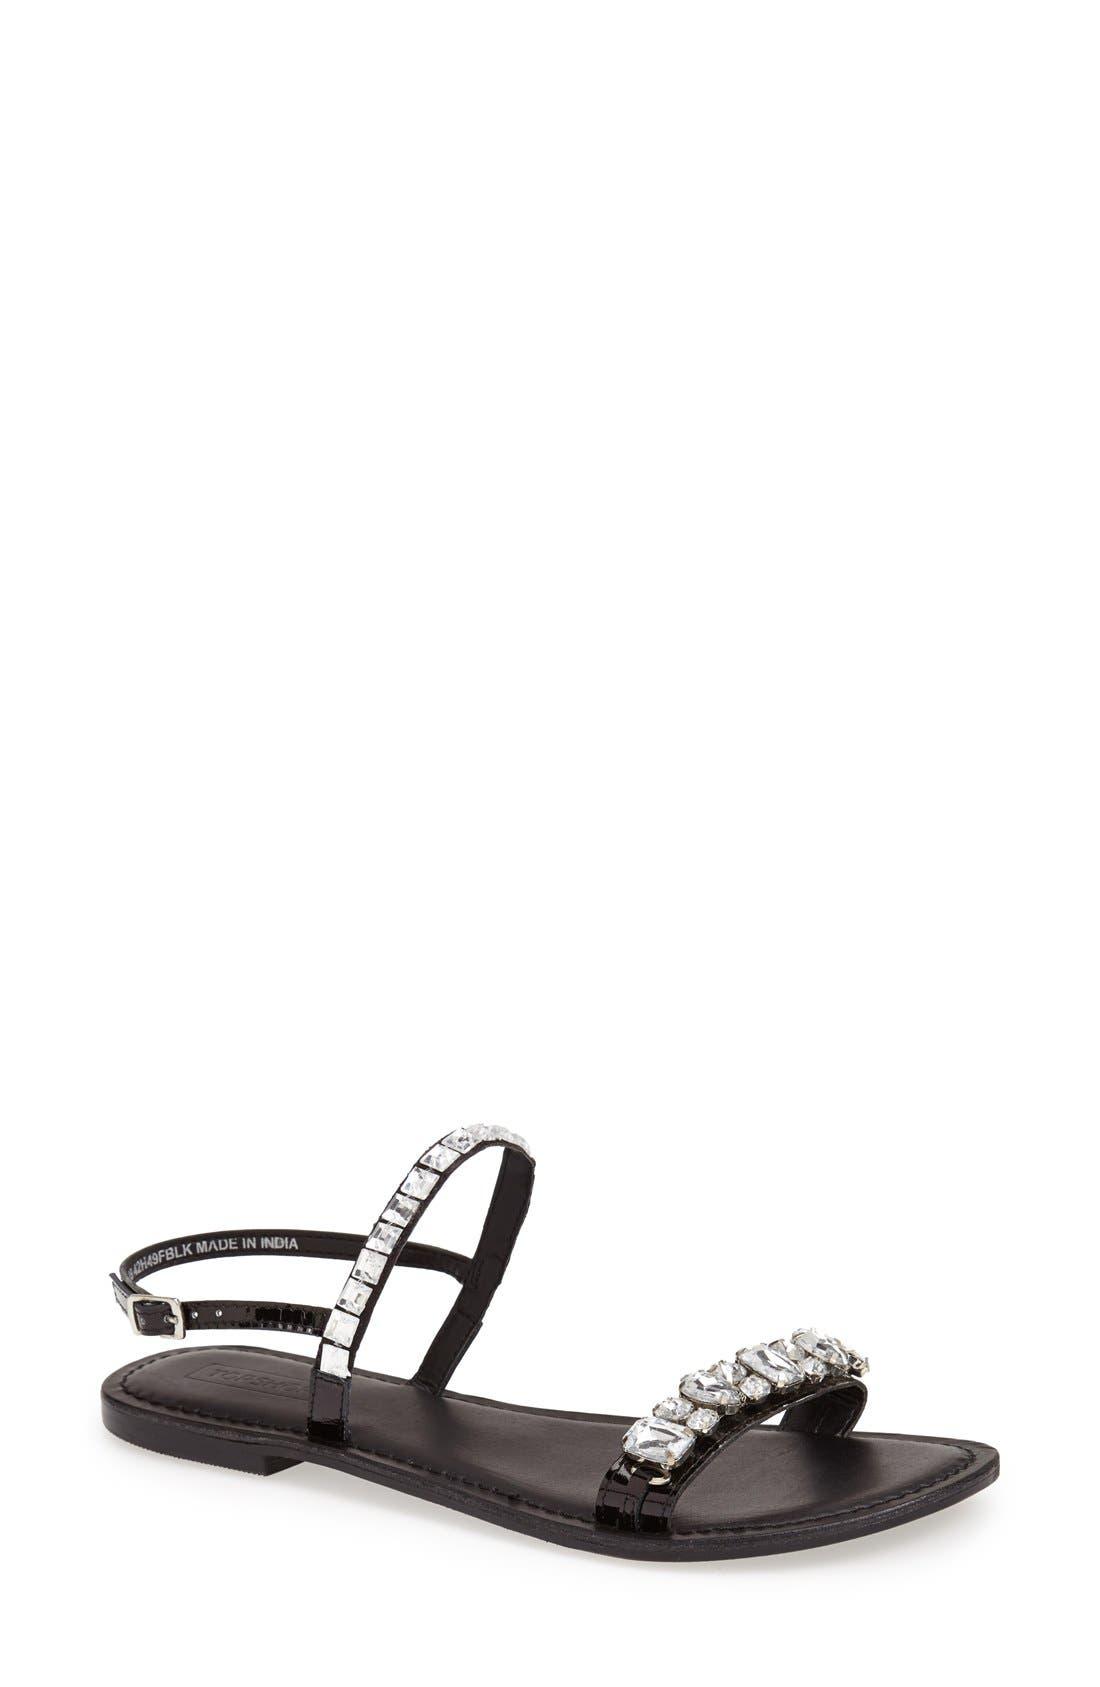 Alternate Image 1 Selected - Topshop 'Harn' Embellished Sandal (Women)